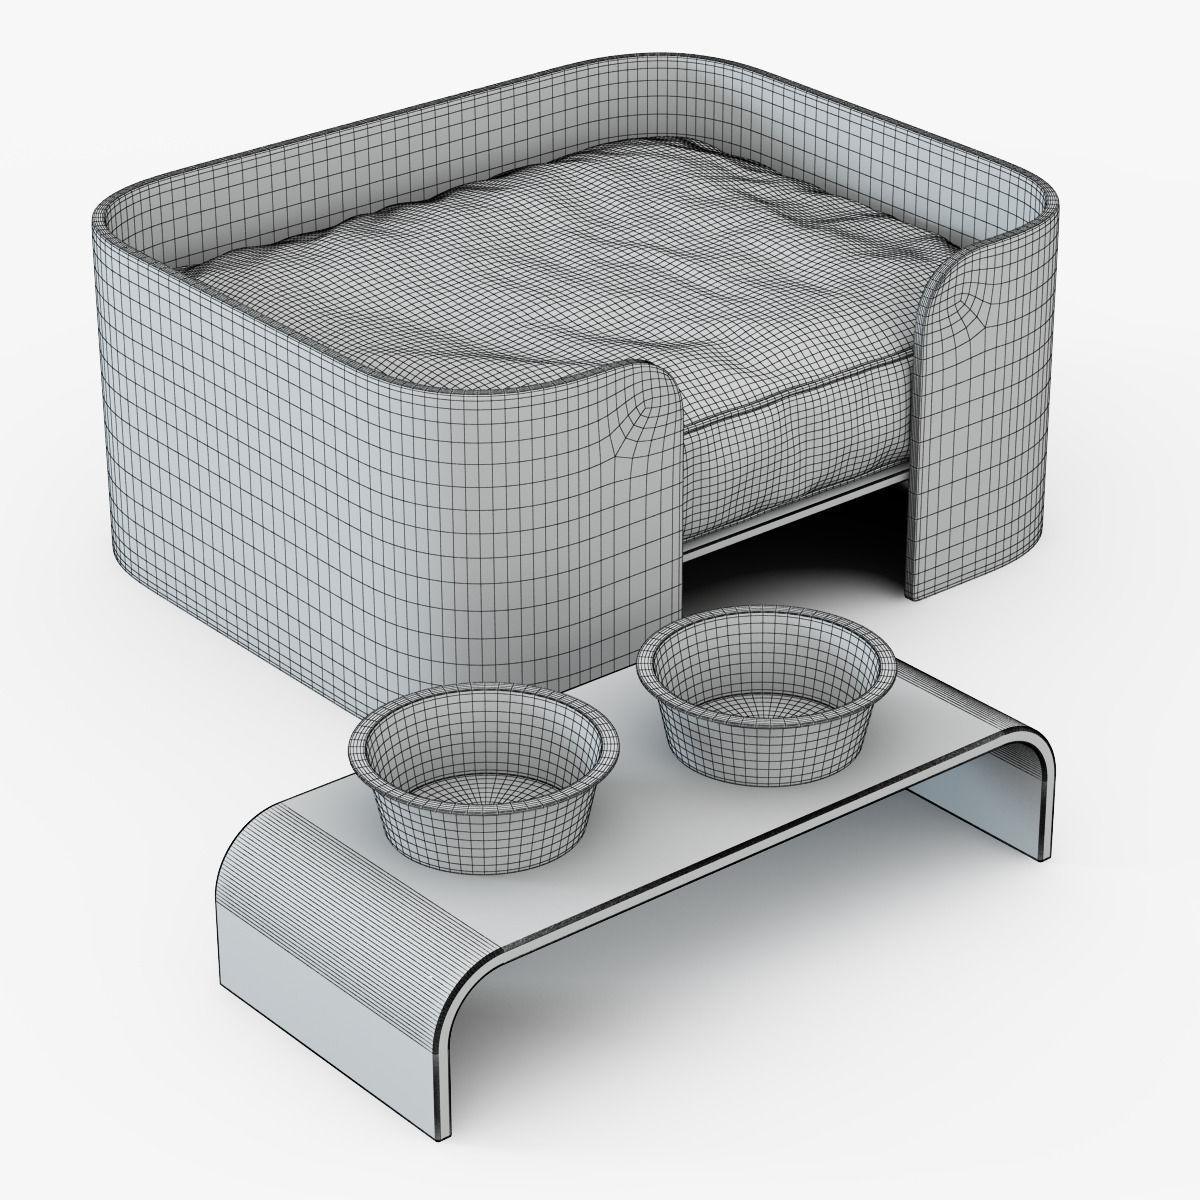 3ds max 2010 v ray 2 40 03 file formats fbx obj dog beds -  Dog Beds 3d Model Max Obj Fbx Mtl 2